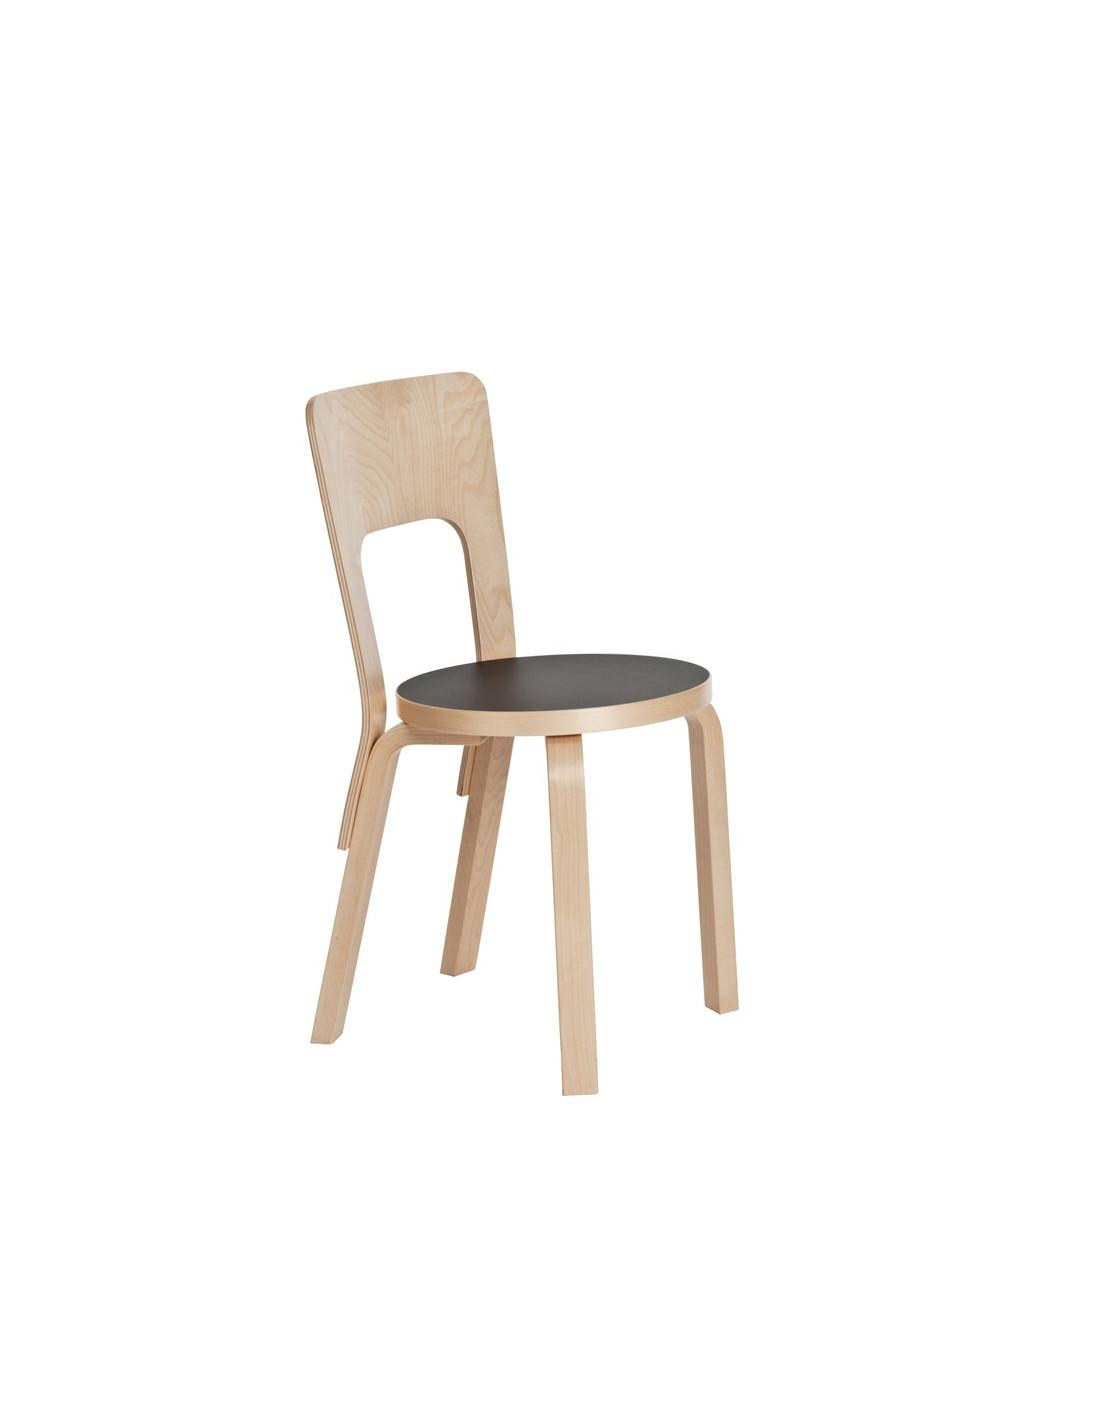 Chaise 66 design aalto alvar pour artek la boutique danoise for Chaise 66 alvar aalto